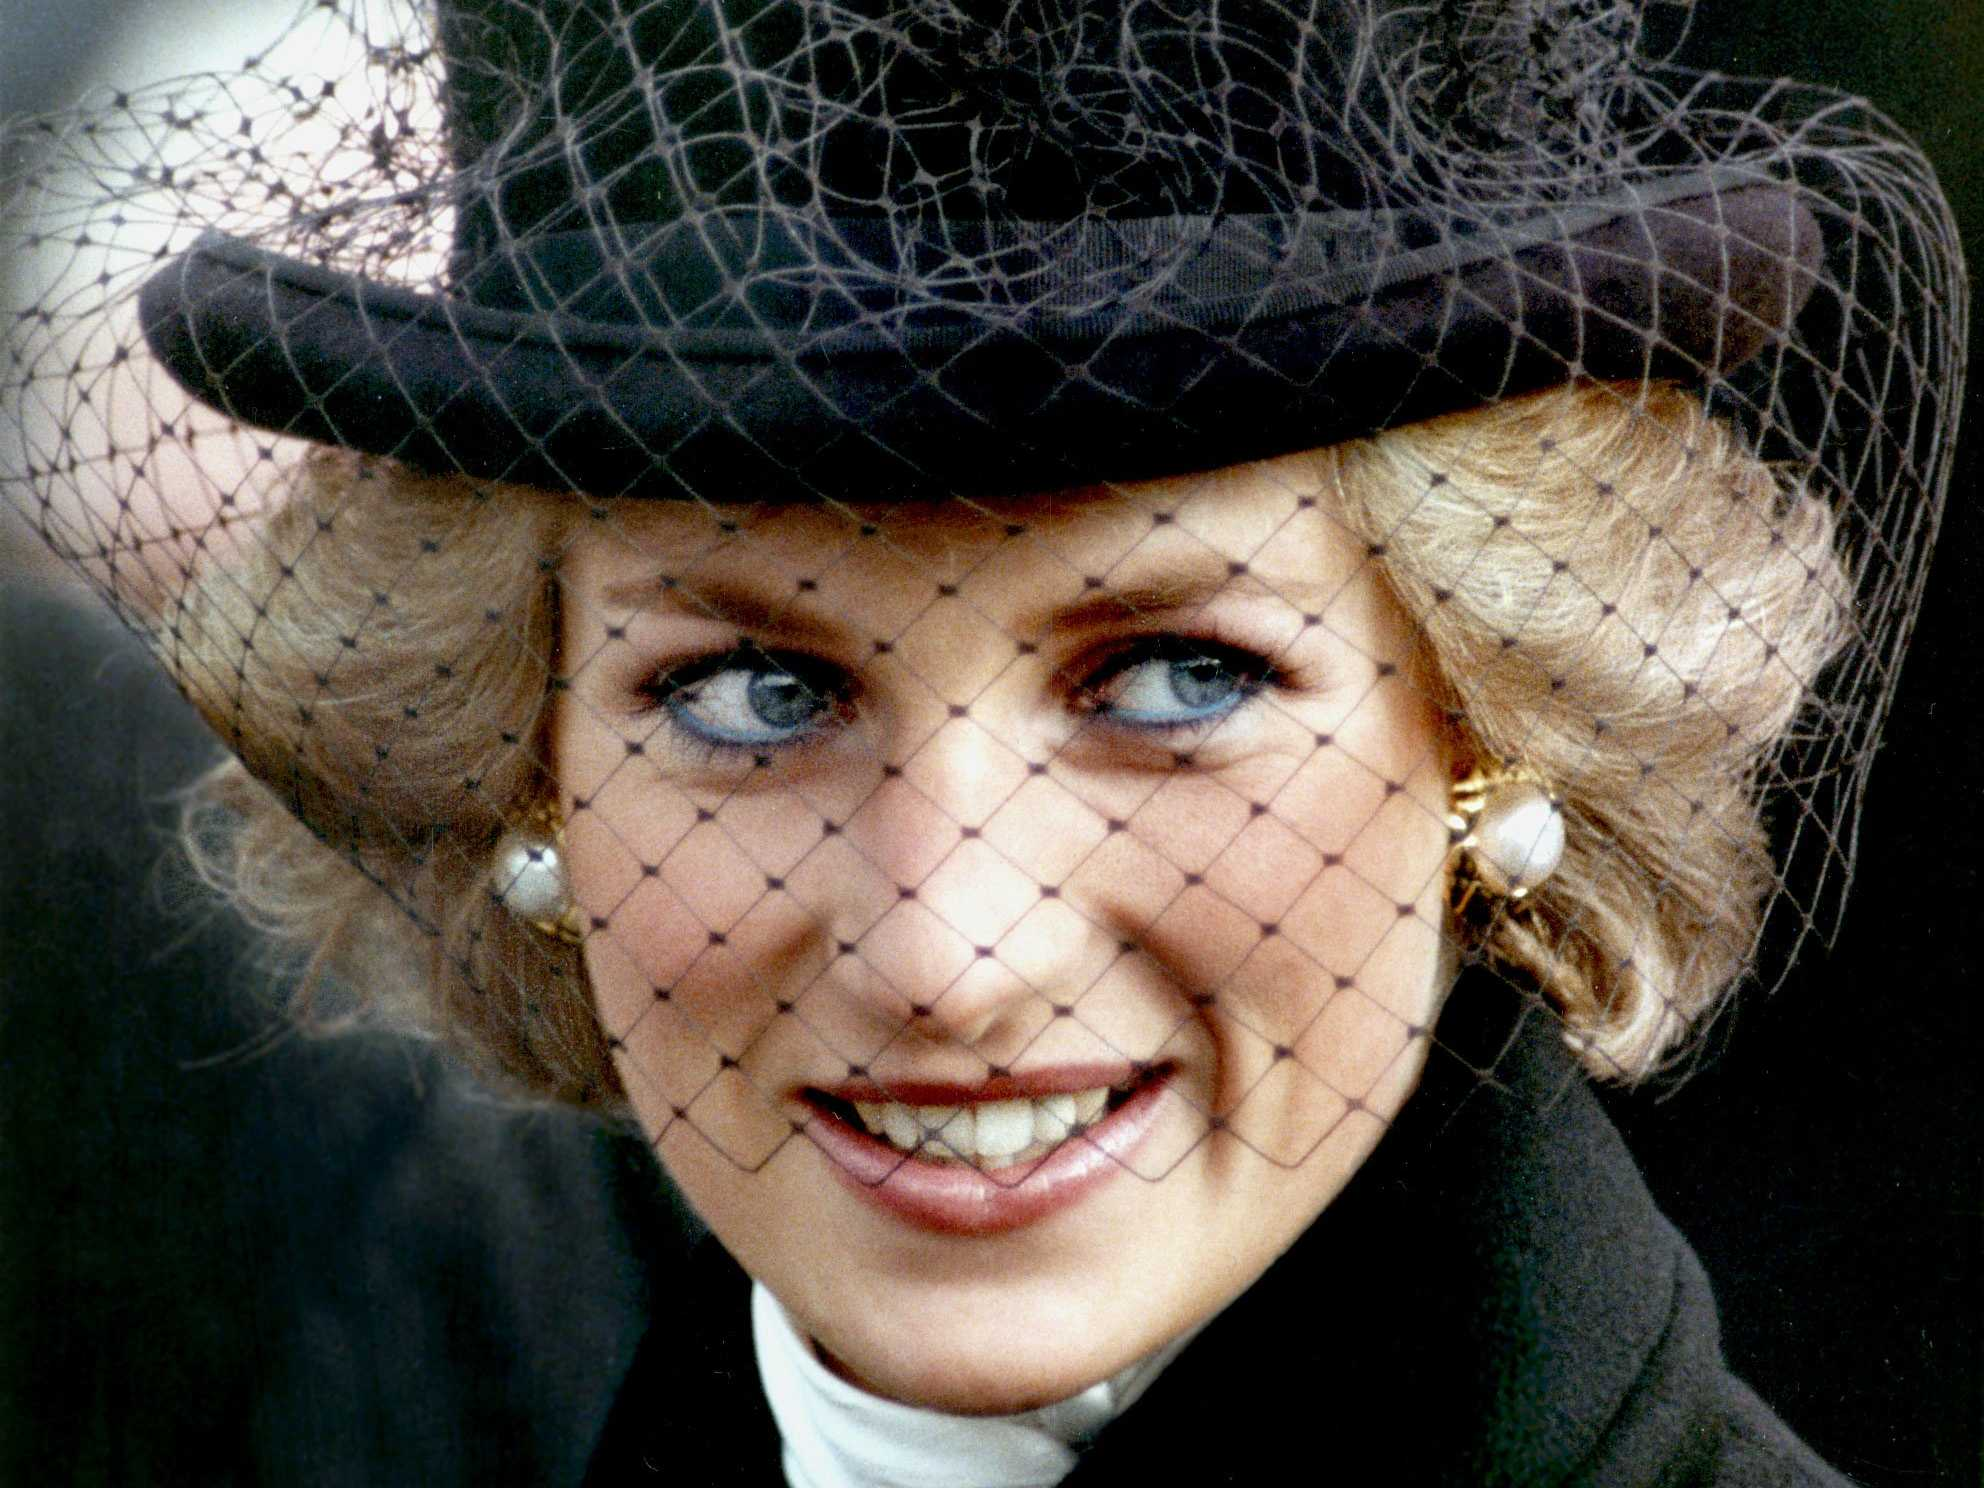 новости, Британия, принцесса Диана, леди Ди, убийство, смерть, ДТП, подробности, предсказание, новые факты, трагедия